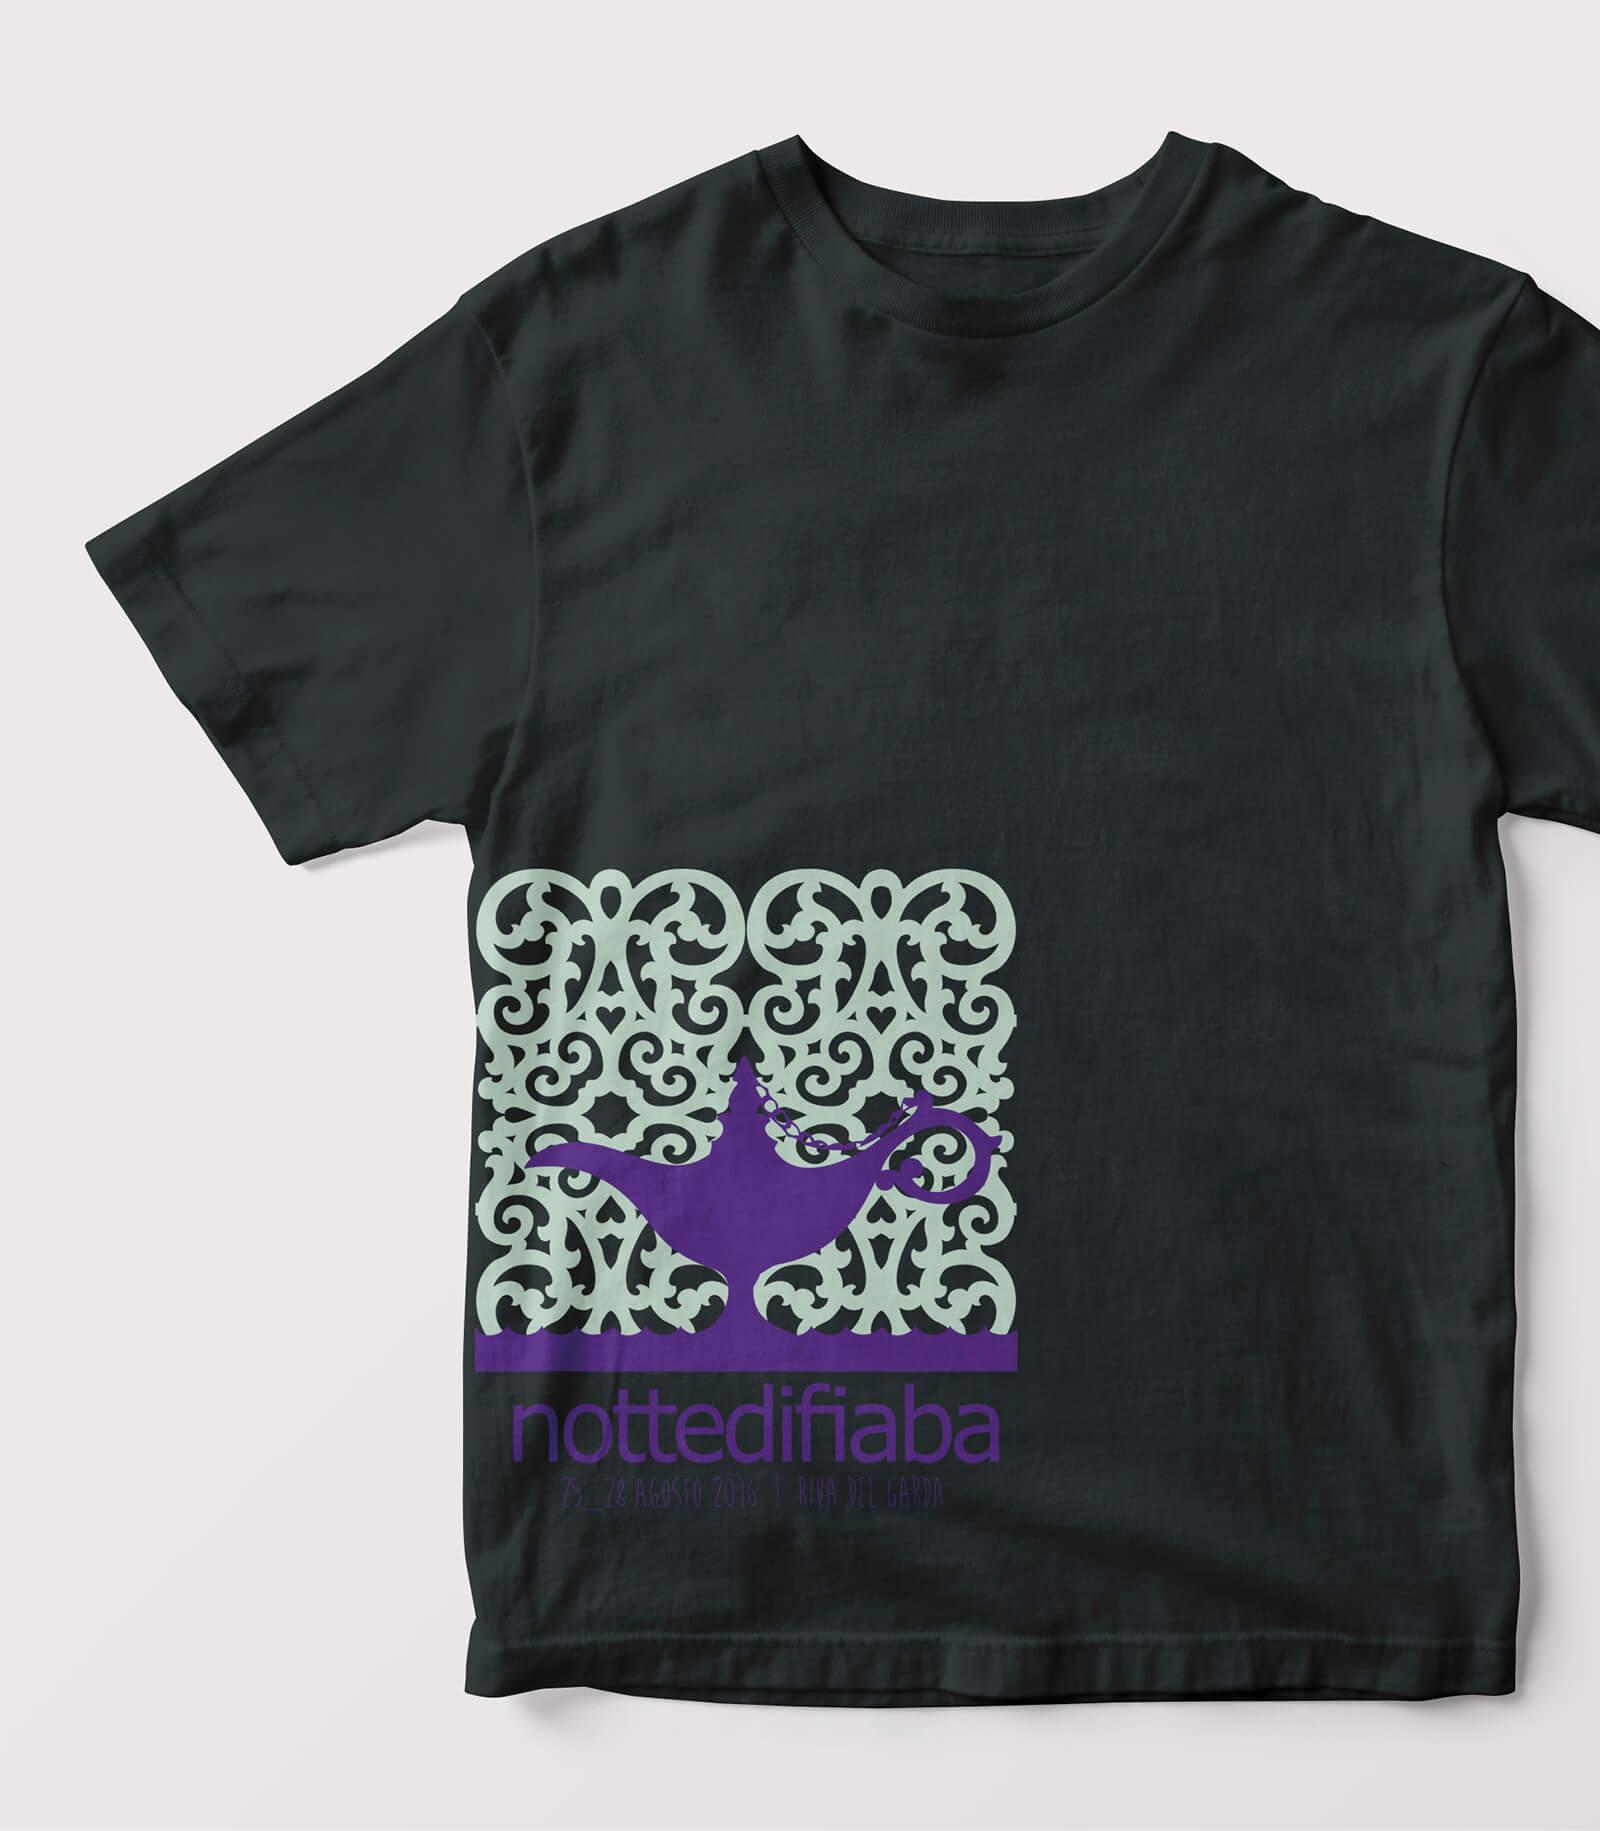 progetto per t-shirt illustrata notte di fiaba-aladino, stampata sul fronte, illustrazione diadestudio arco trento